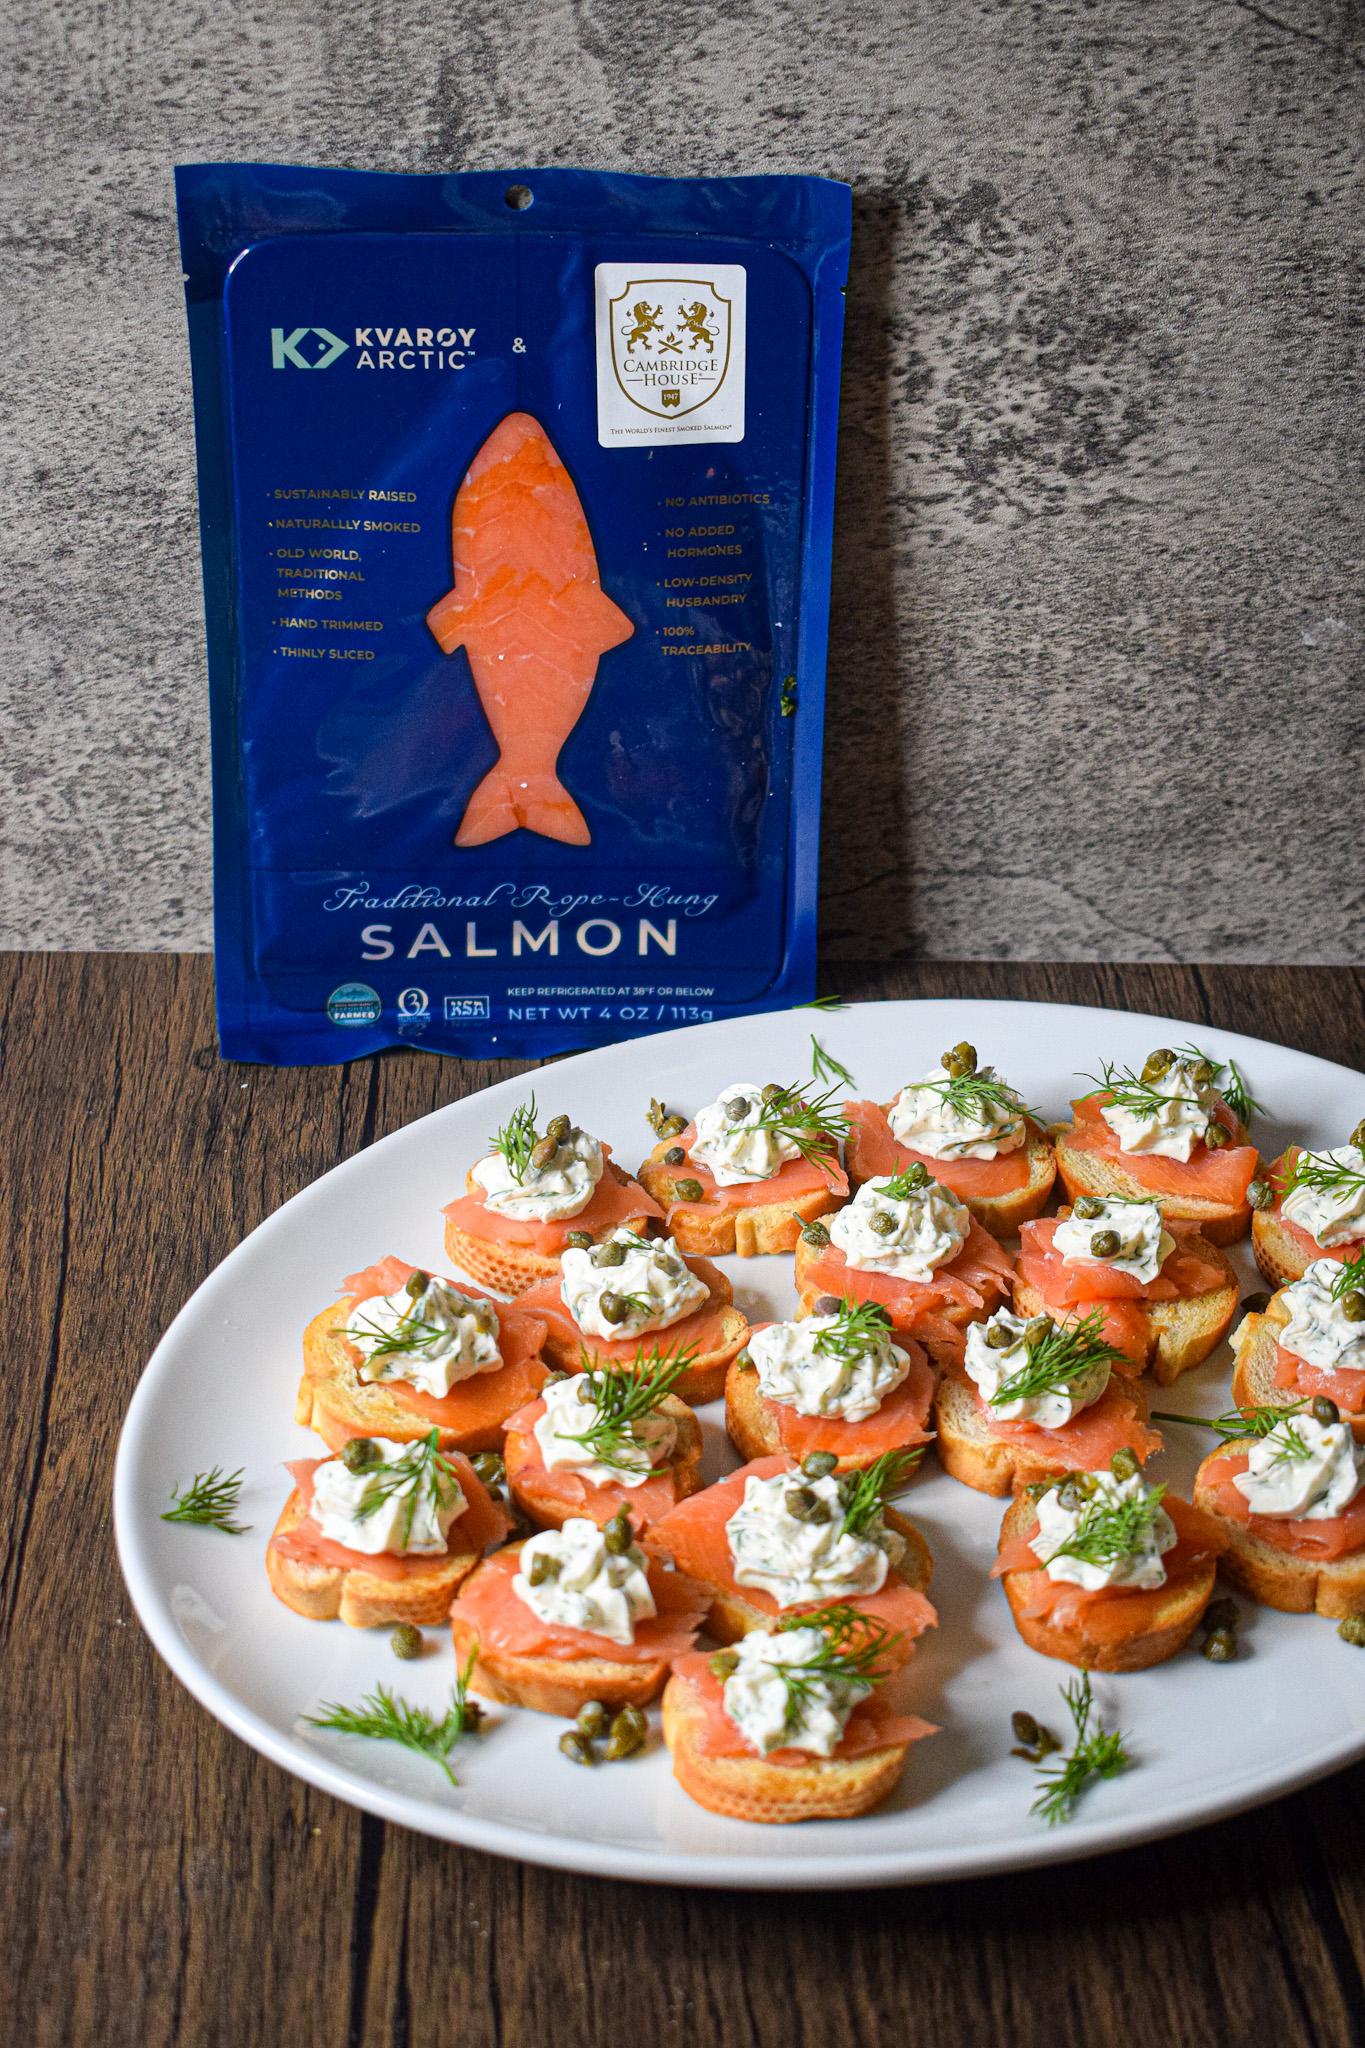 smoked salmon crostini with kvaroy arctic salmon